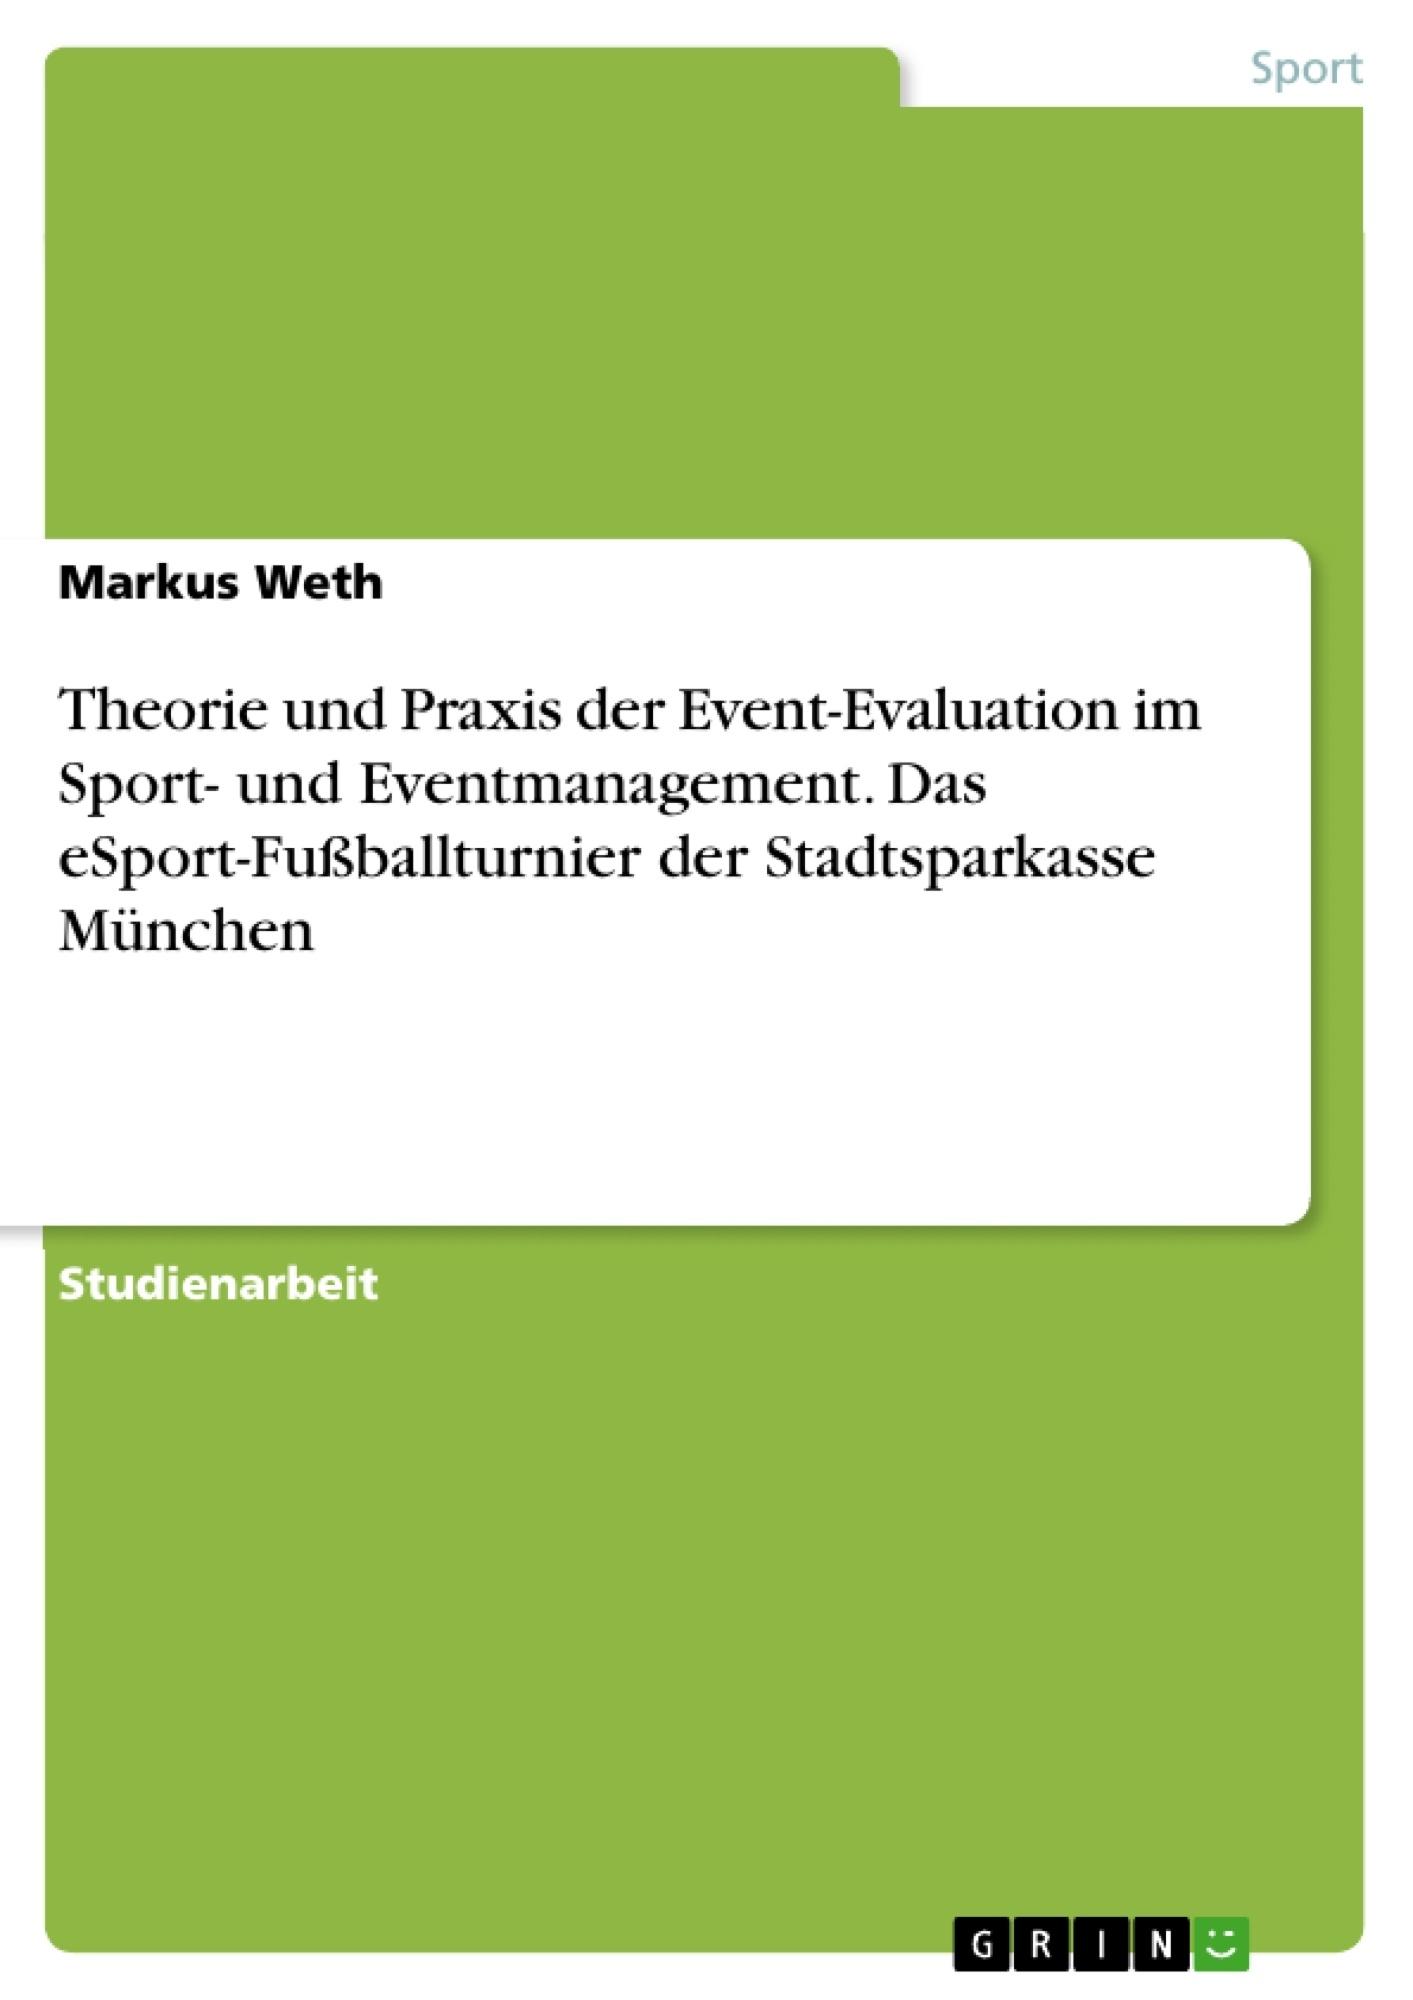 Titel: Theorie und Praxis der Event-Evaluation im Sport- und Eventmanagement. Das eSport-Fußballturnier der Stadtsparkasse München